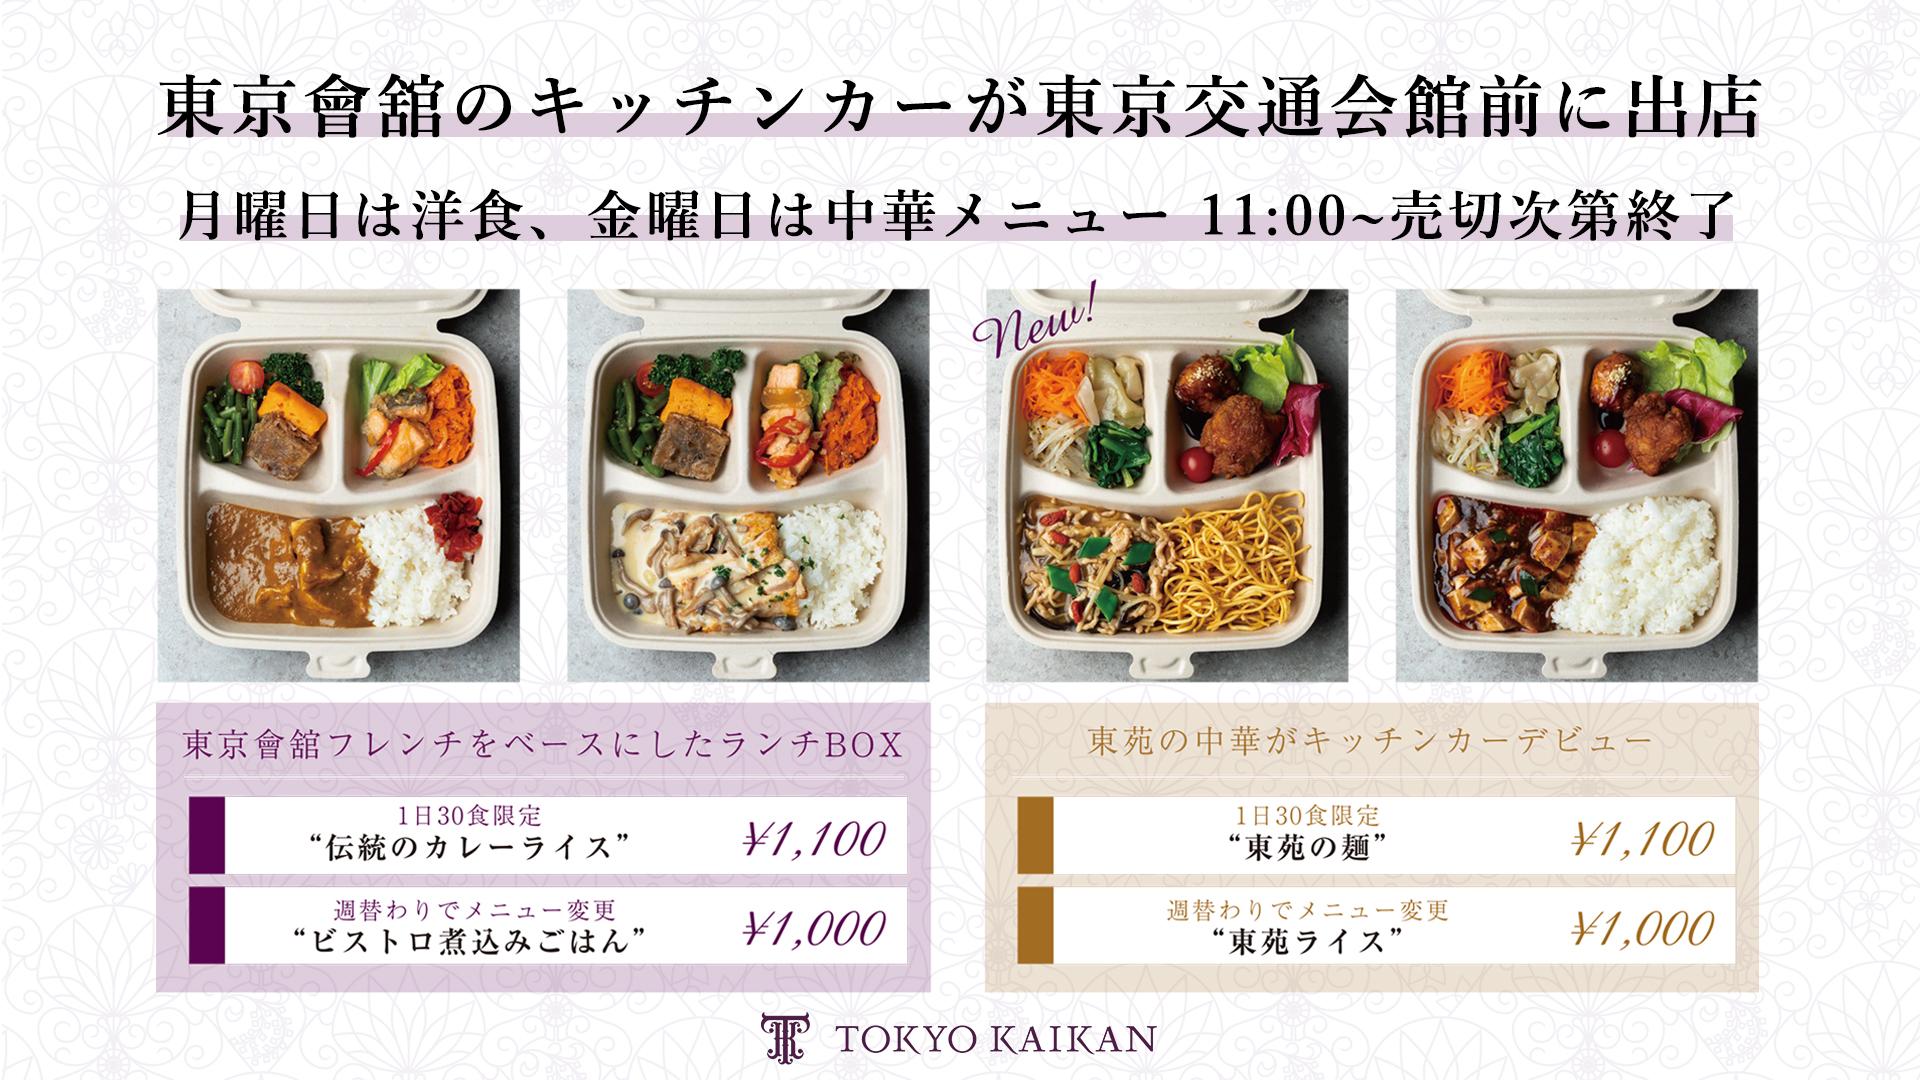 東京會舘キッチンカー